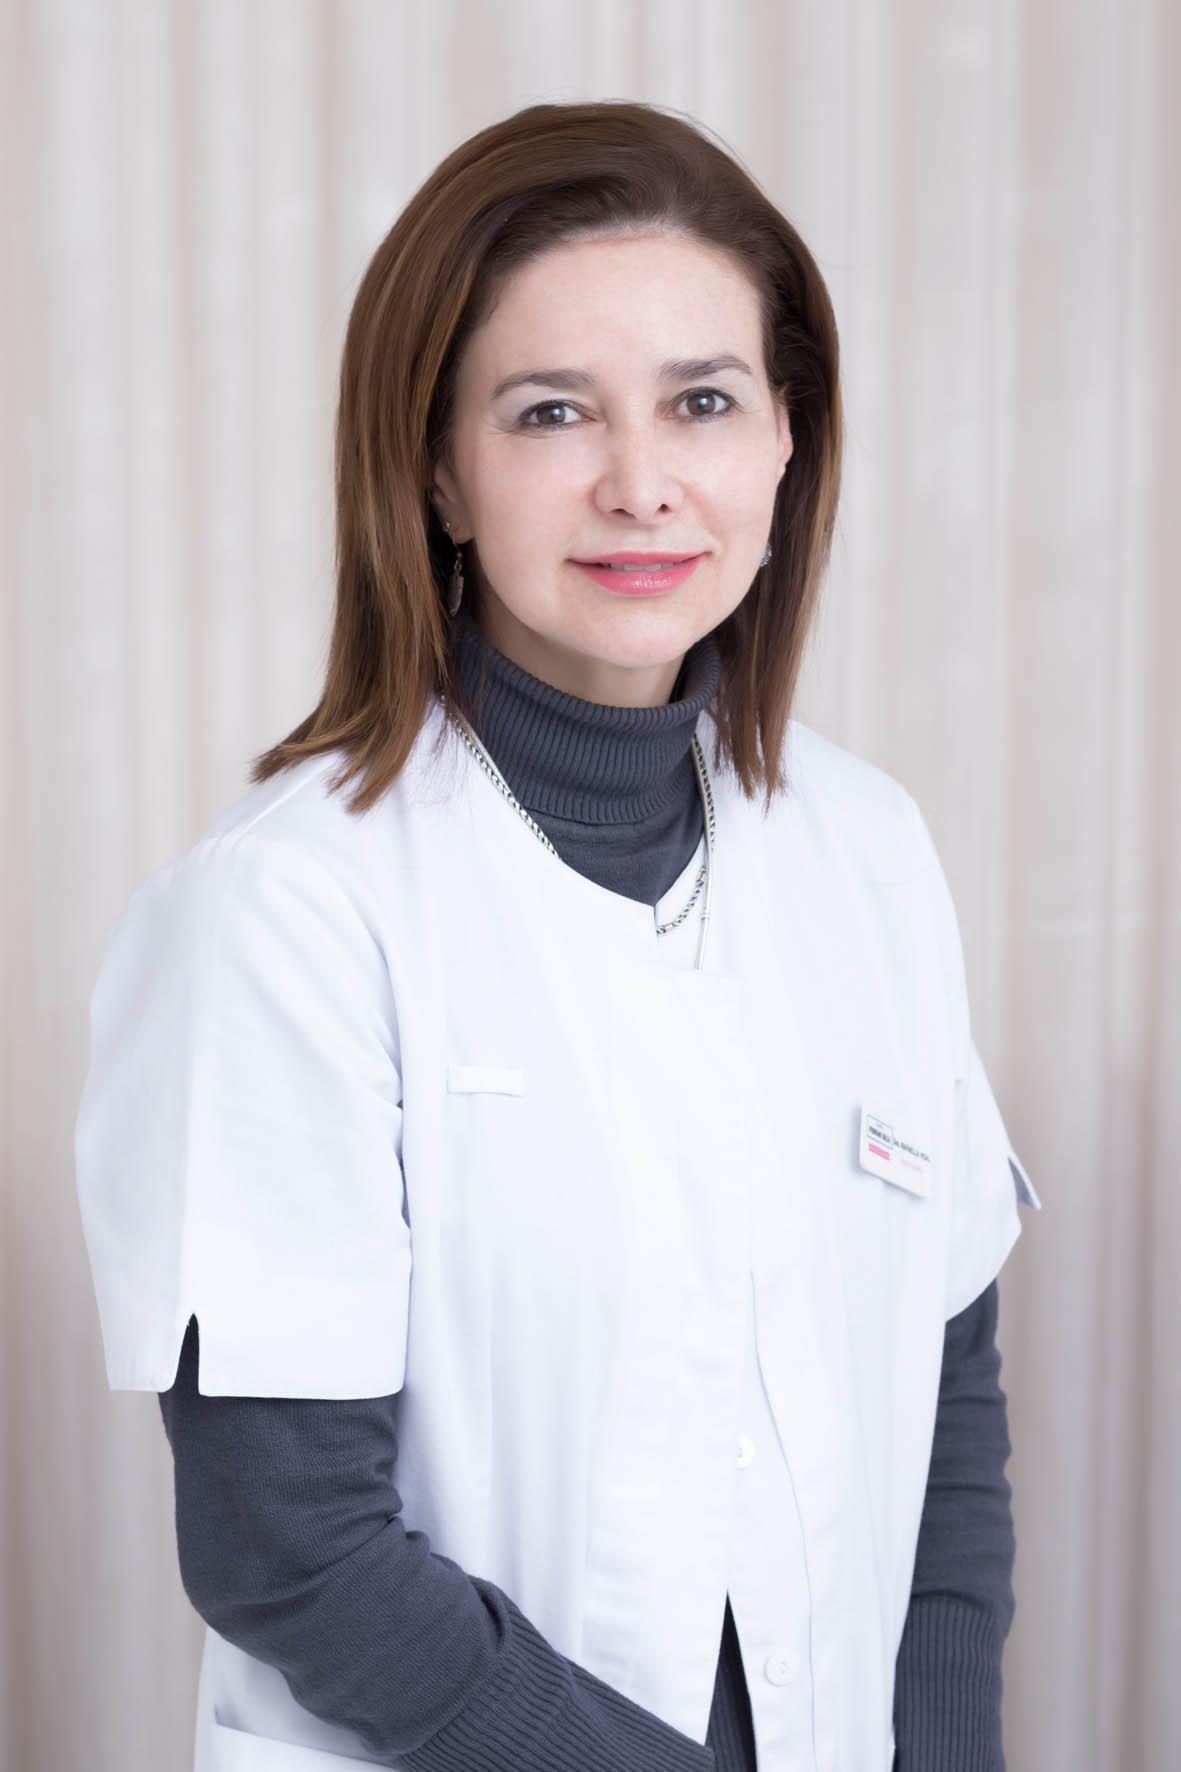 Rafaela-Vidal-Gonzalez